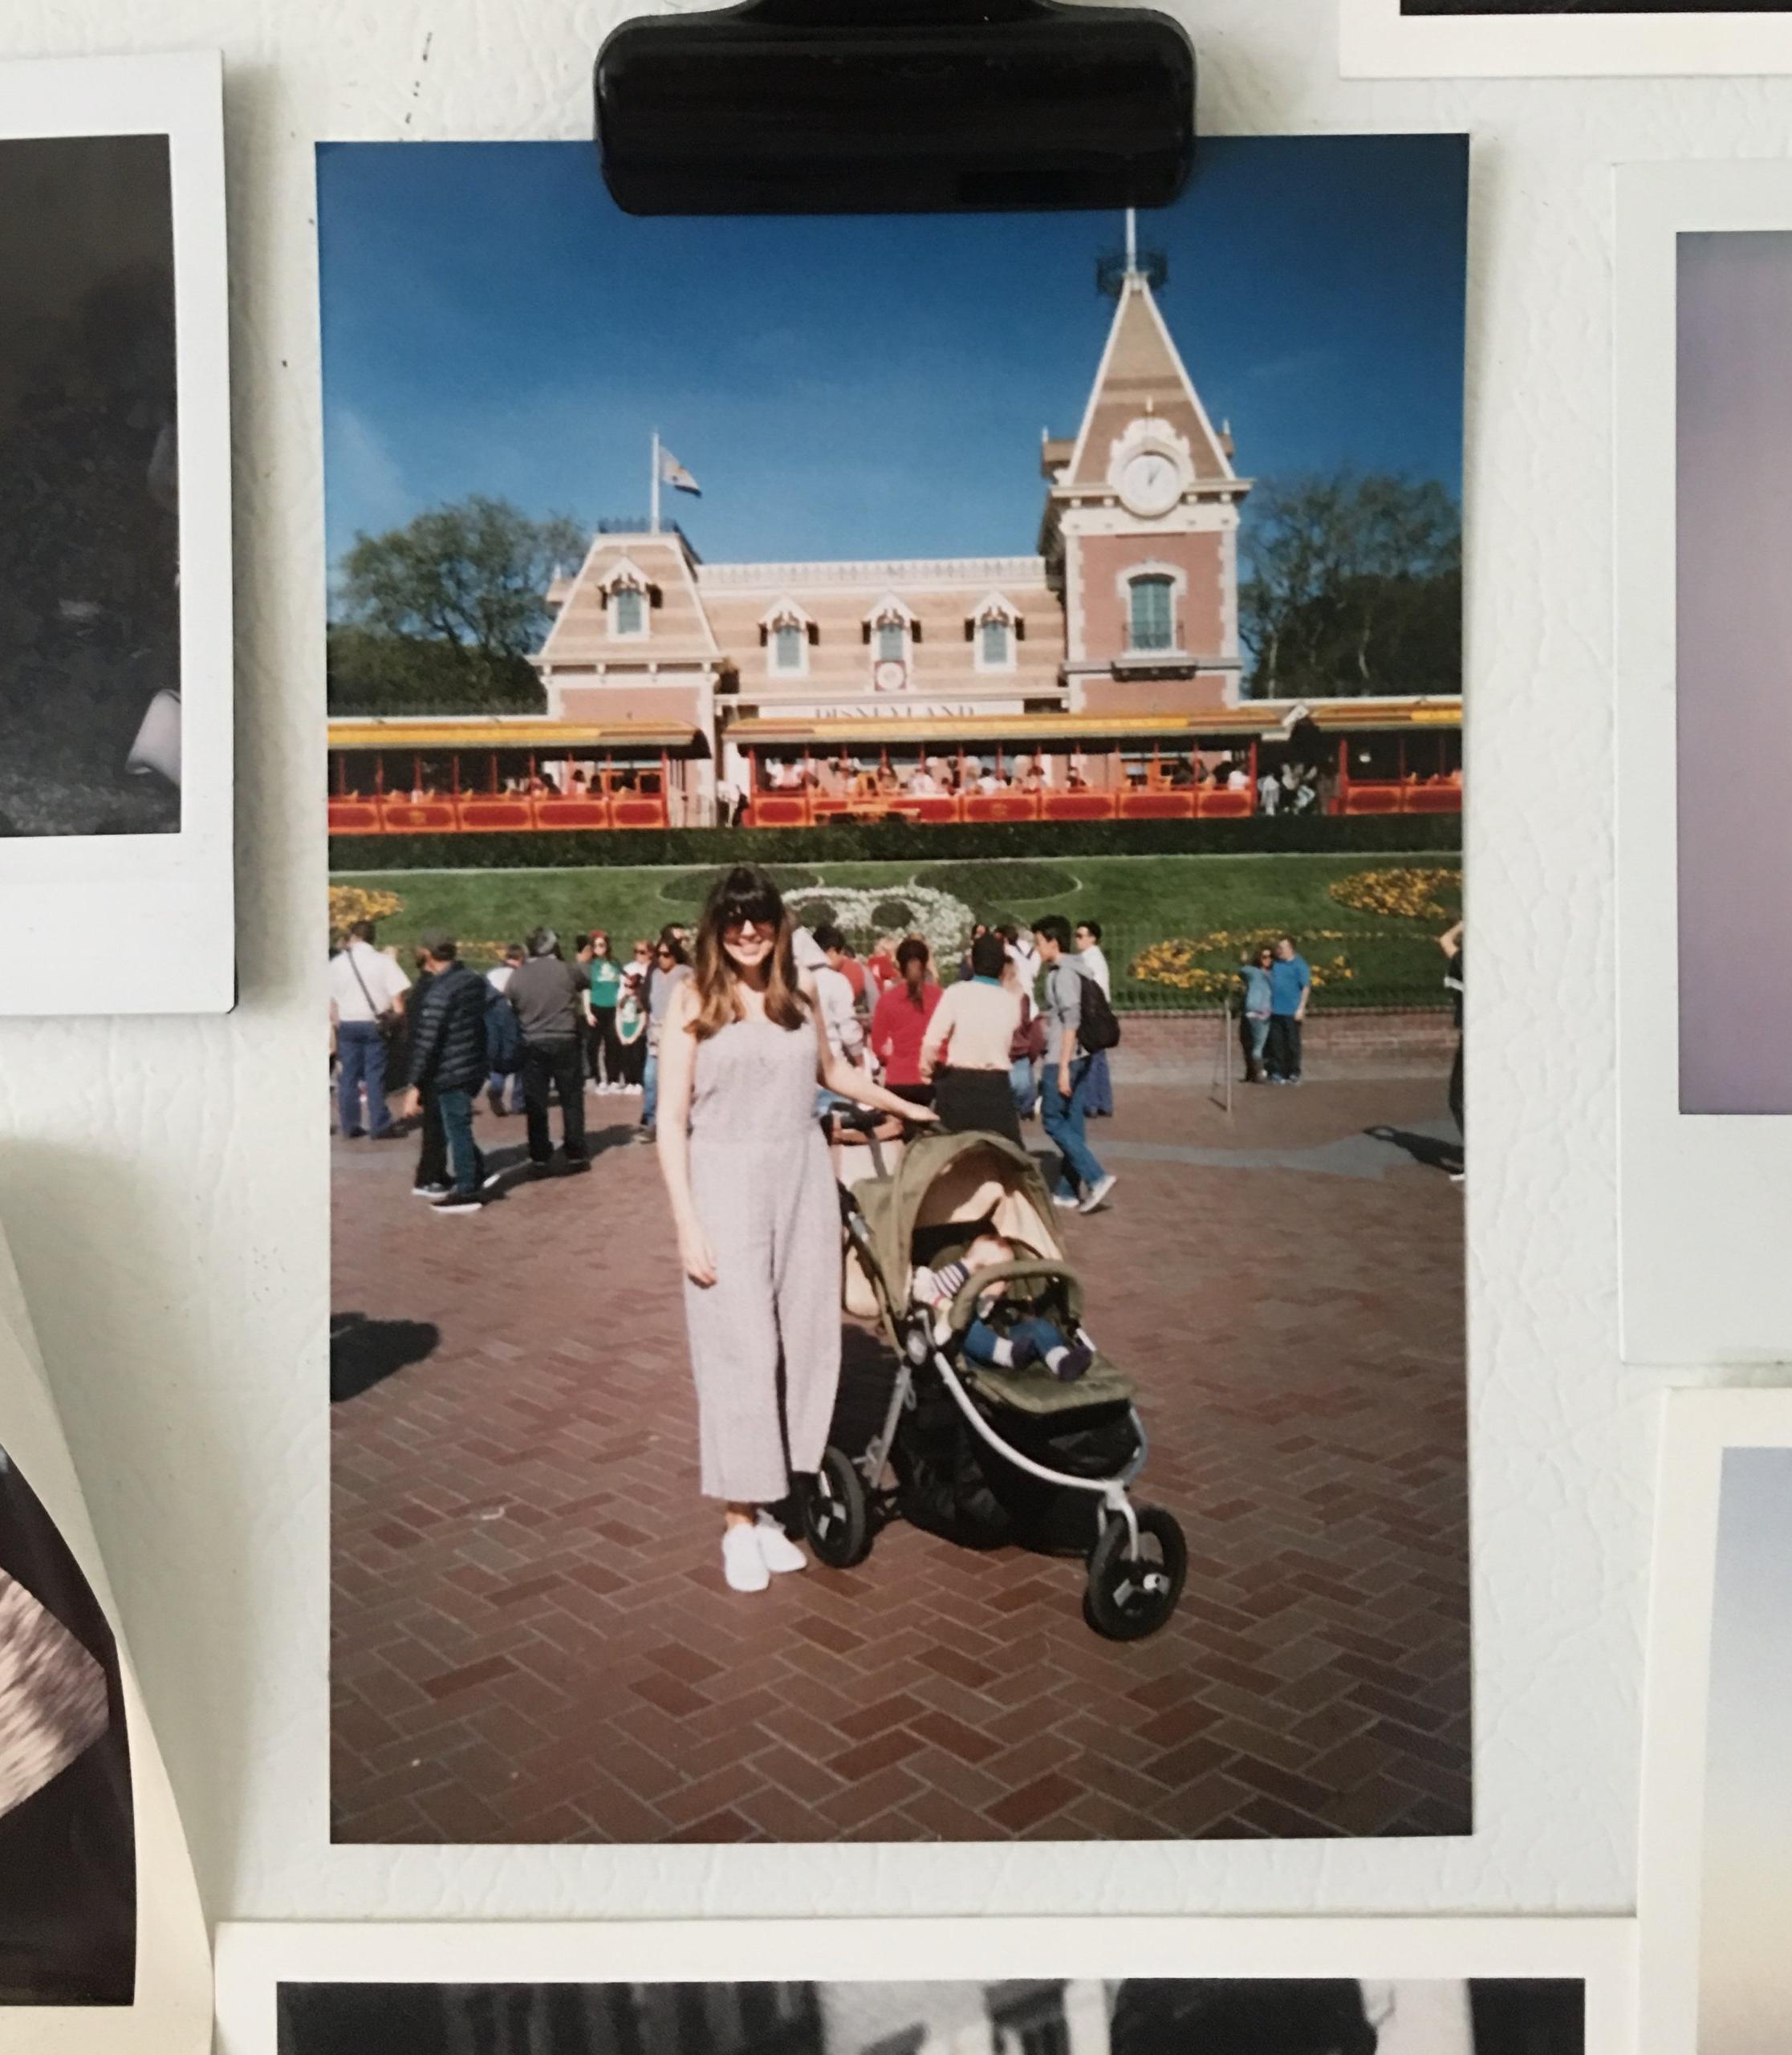 My birthday at Disneyland